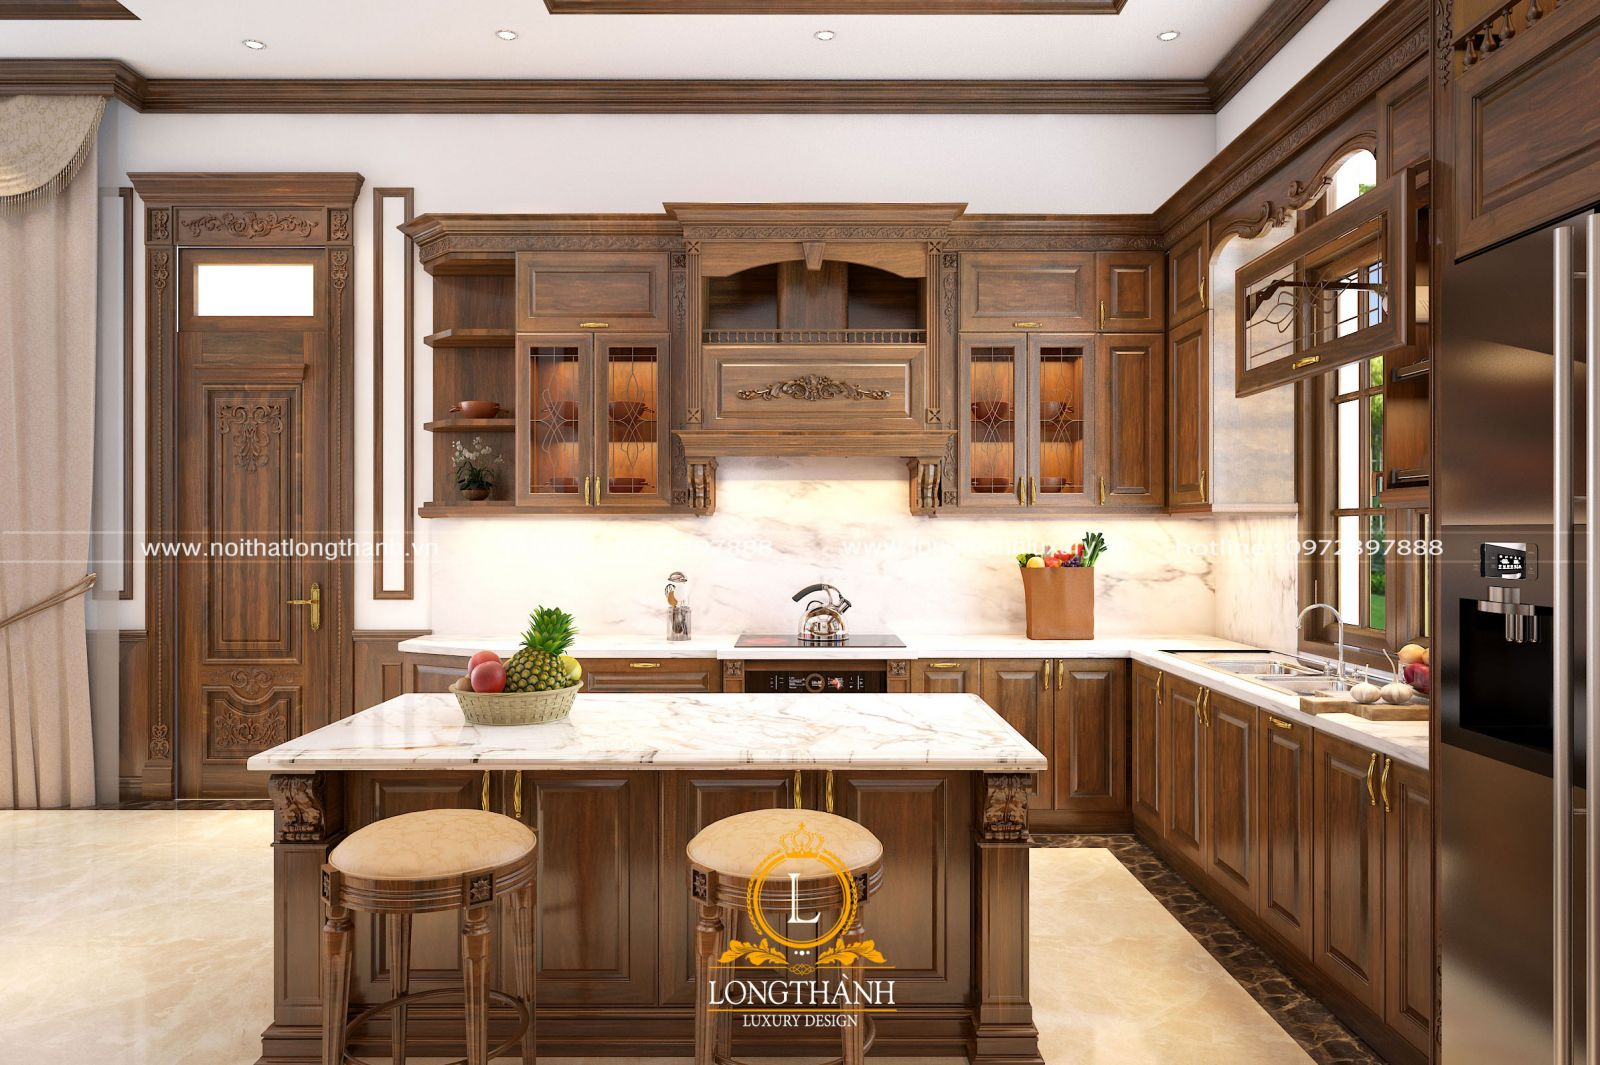 Tủ bếp tân cổ điển là sự giao thoa hoàn hảo giữa hai yếu tố cổ điển và hiện đại